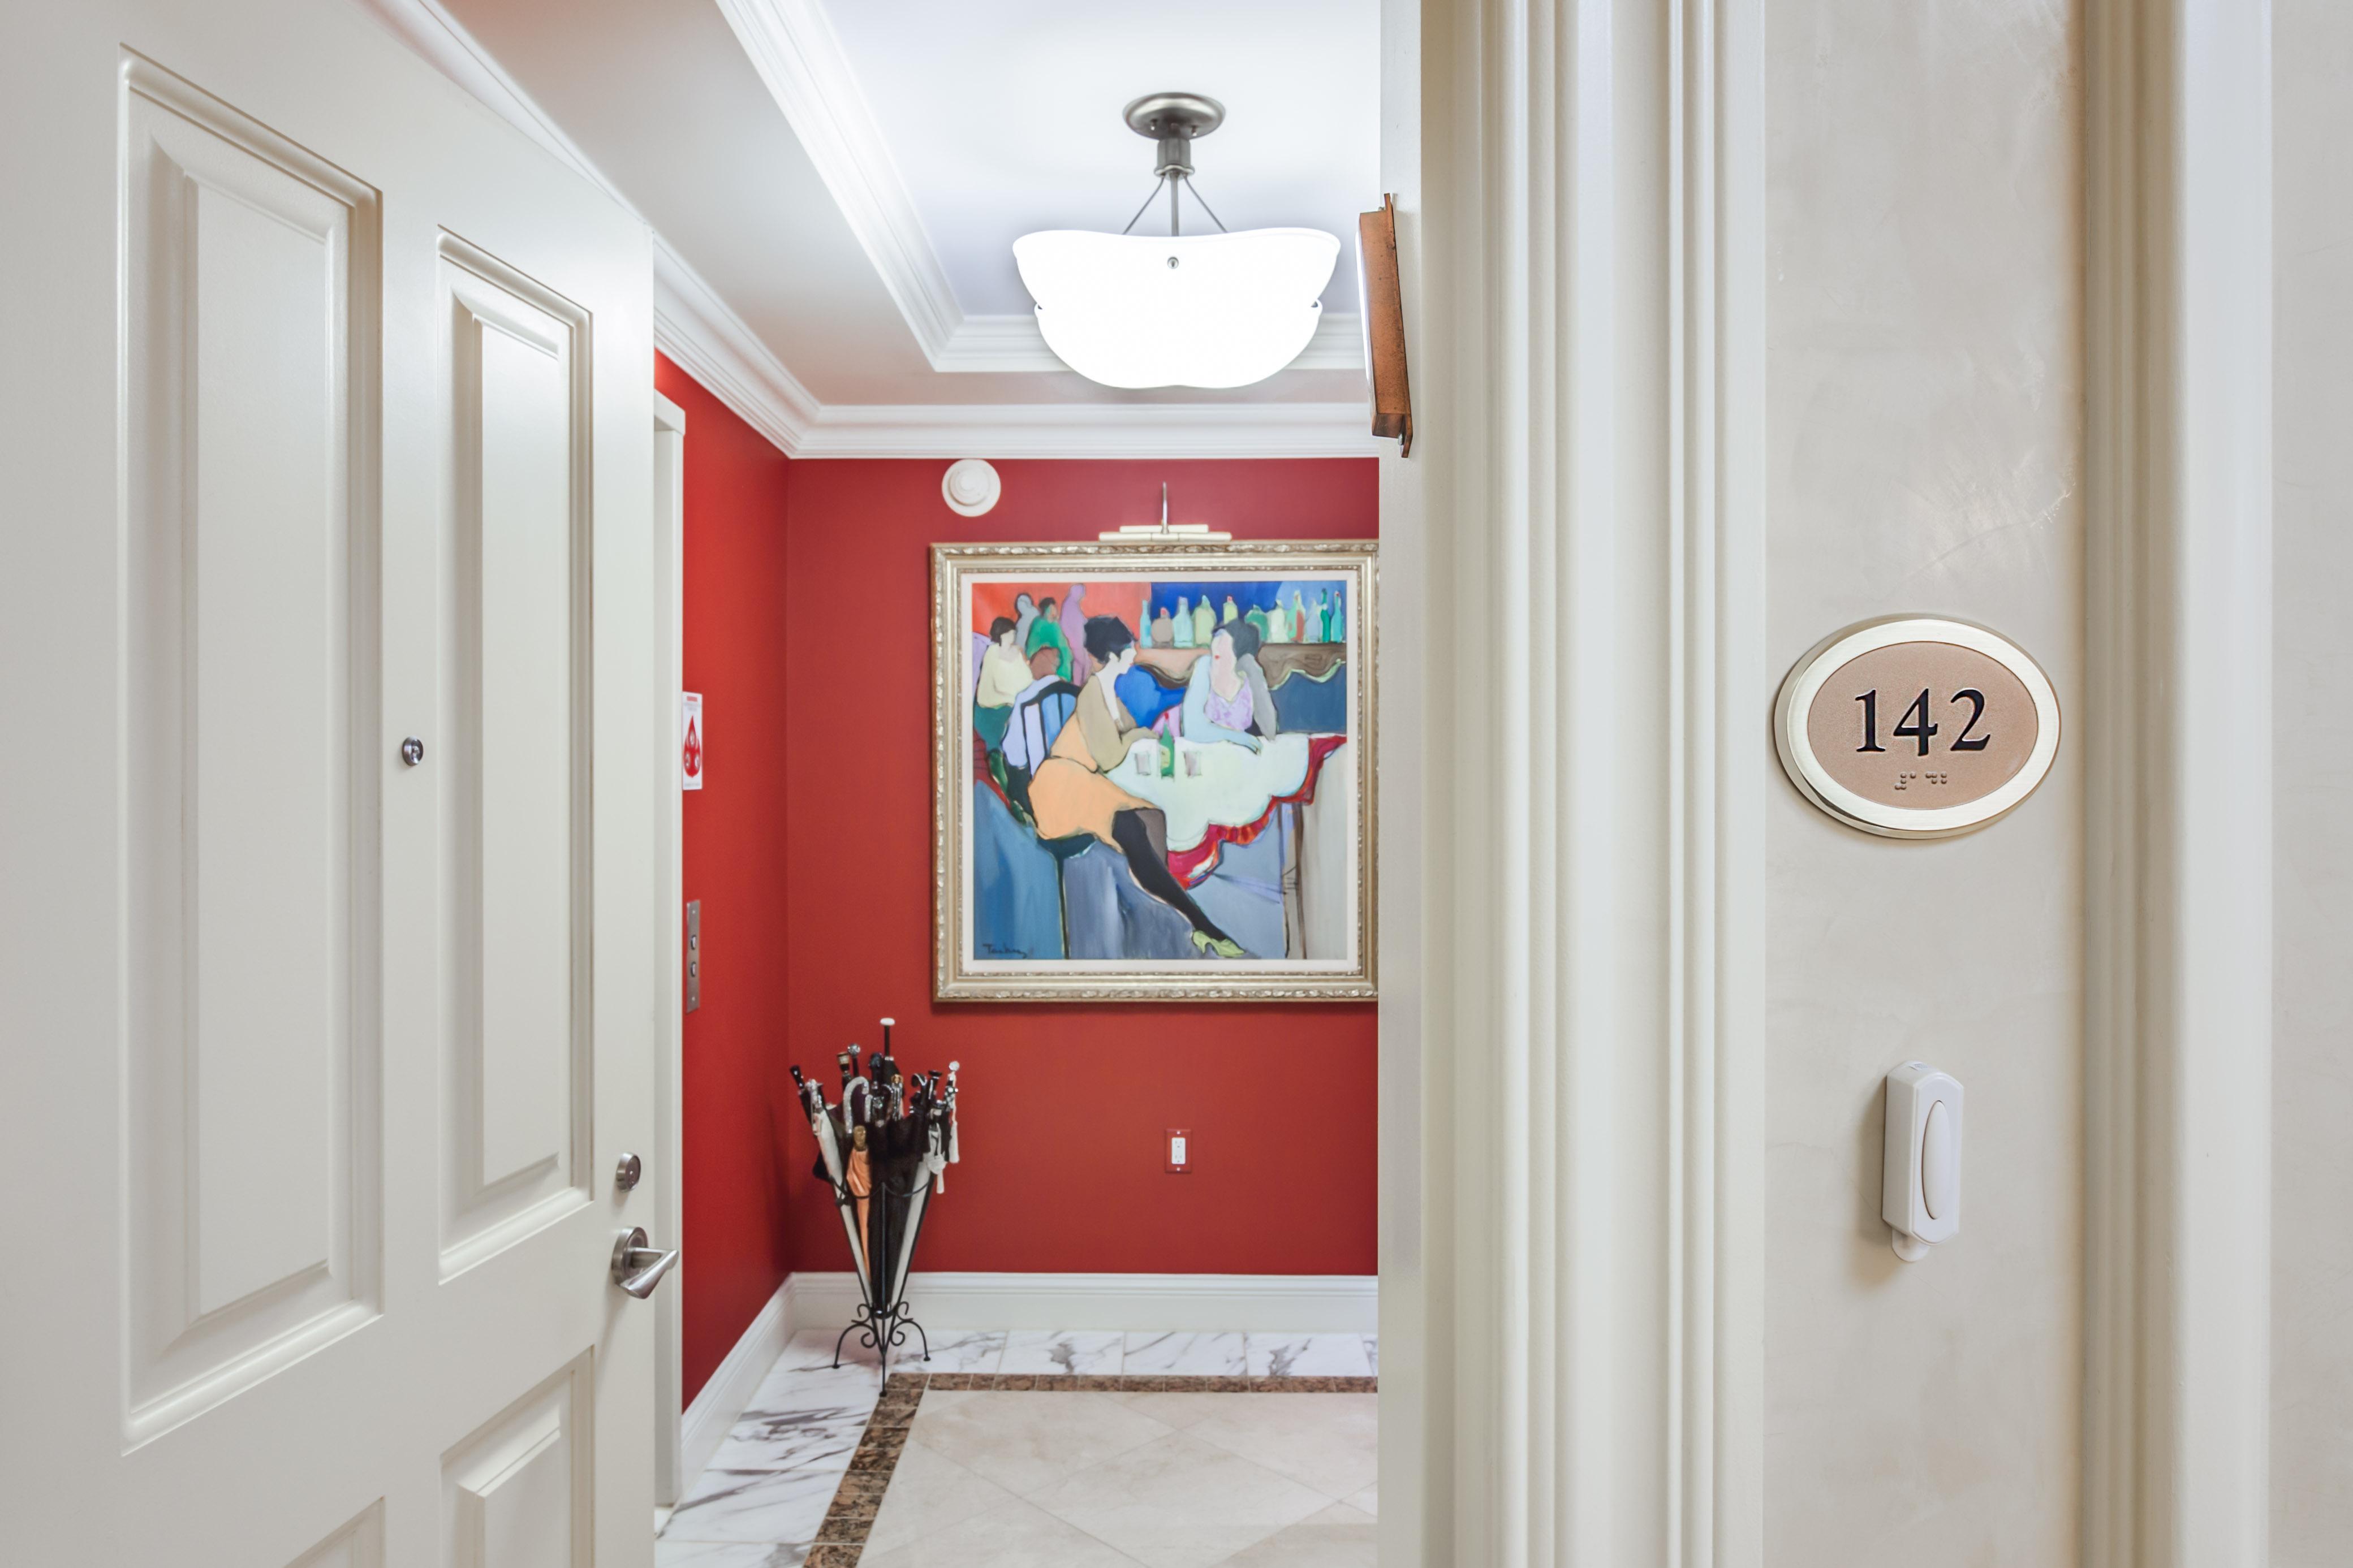 Kat Mülkiyeti için Satış at The Ritz Carlton Residence 801 Key Highway #142 Baltimore, Maryland, 21230 Amerika Birleşik Devletleri